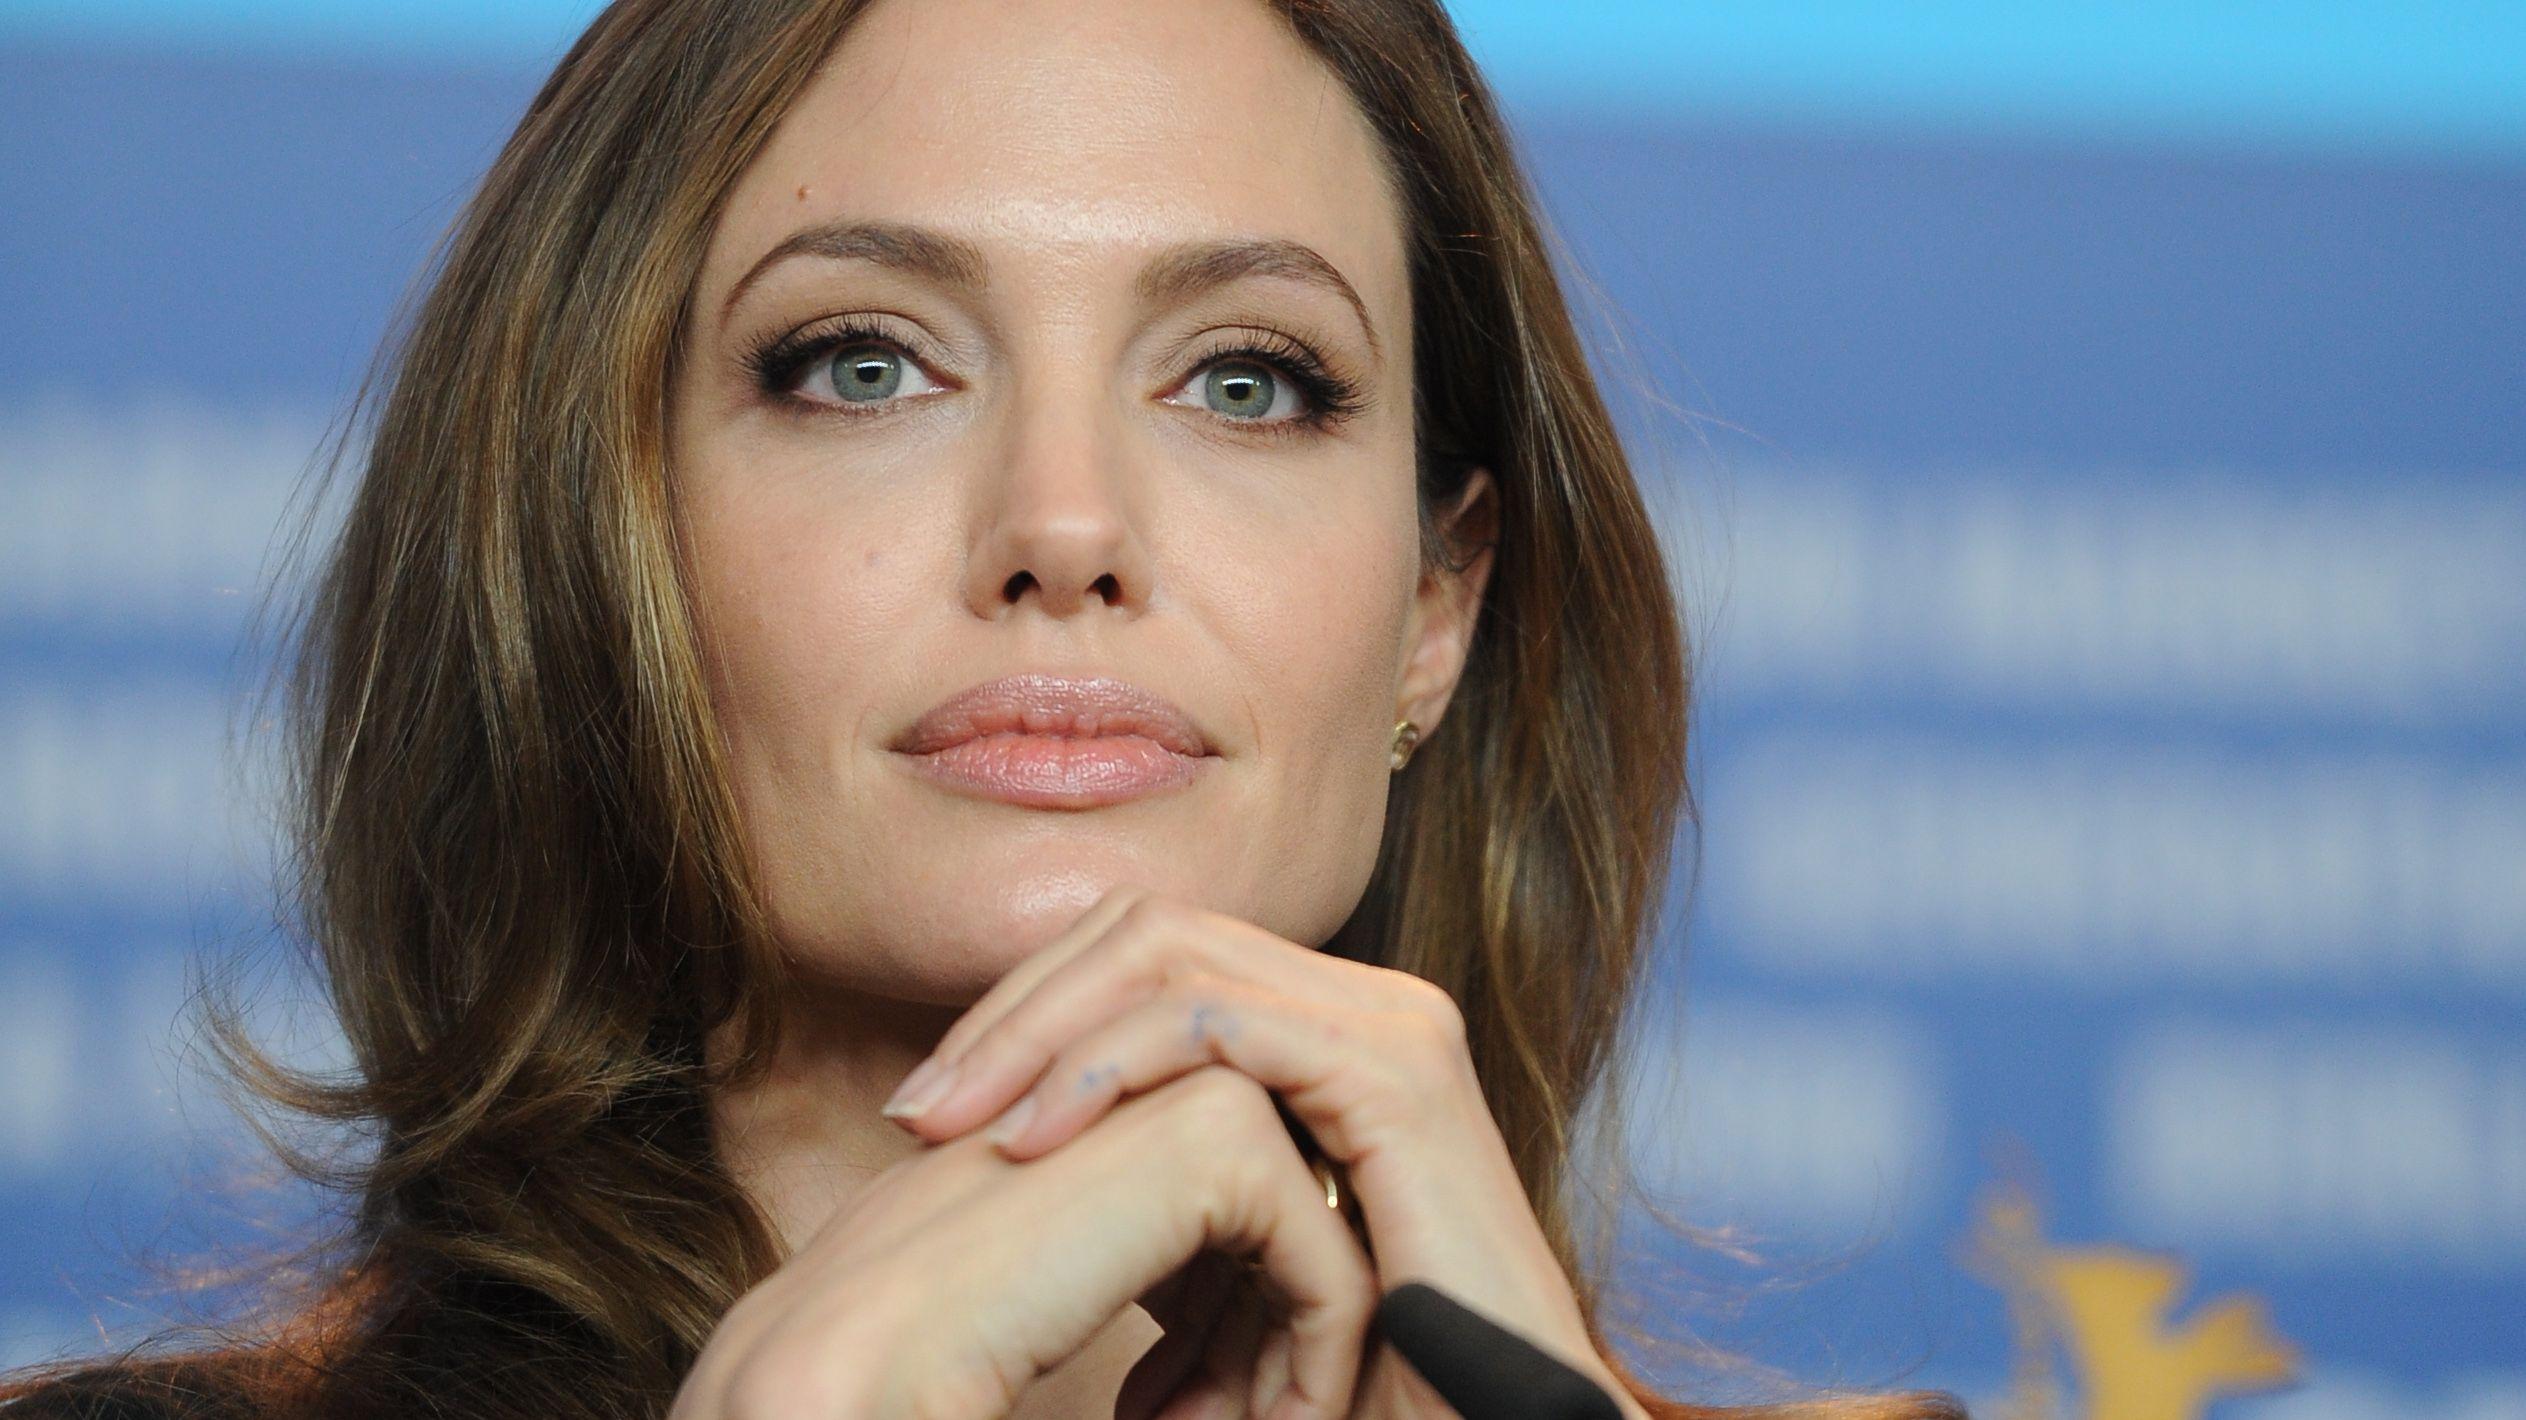 最も美女、アンジェリーナジョリー